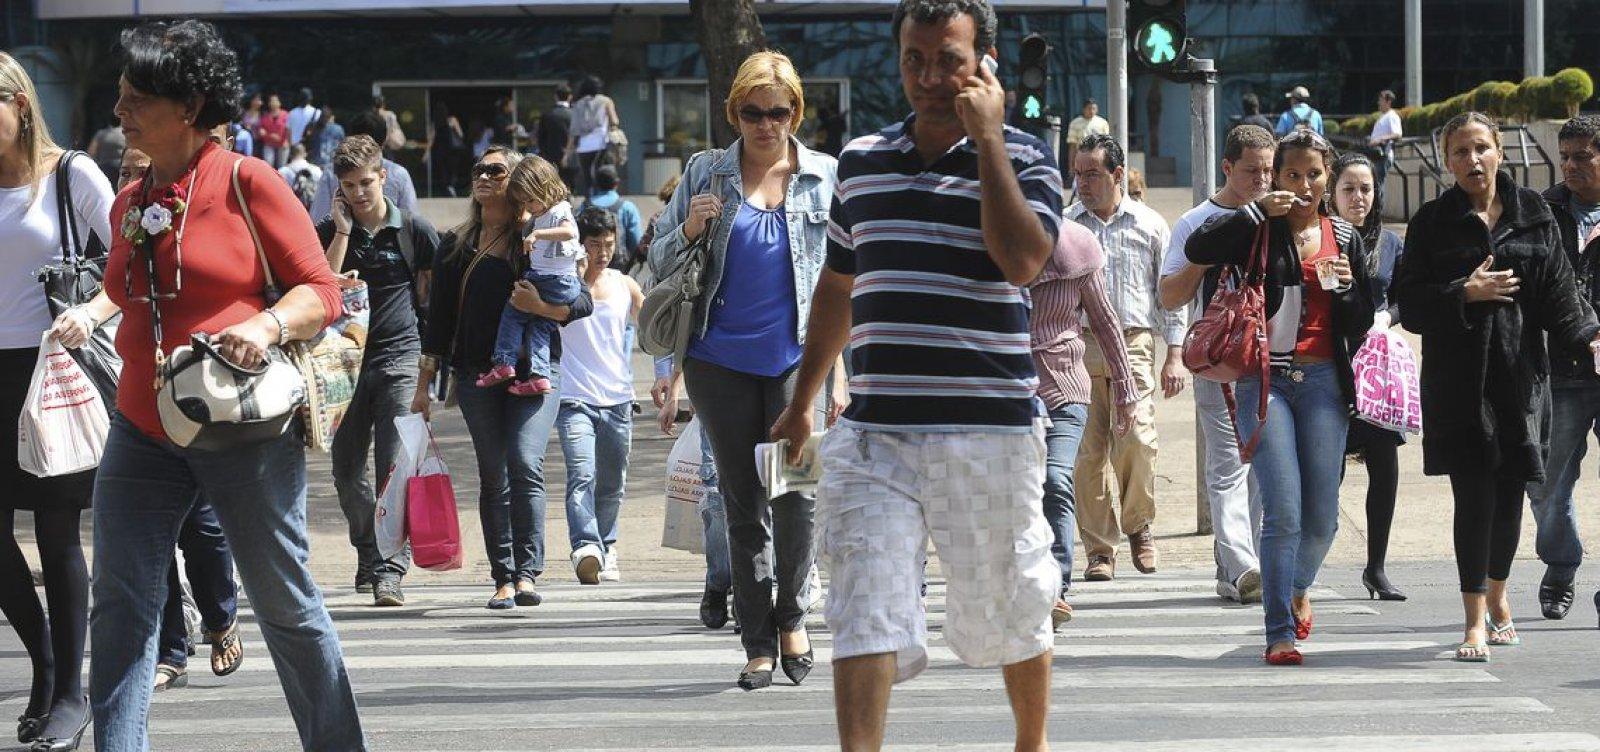 [Desemprego cai de 12,4% para 12,3% no trimestre encerrado em maio]